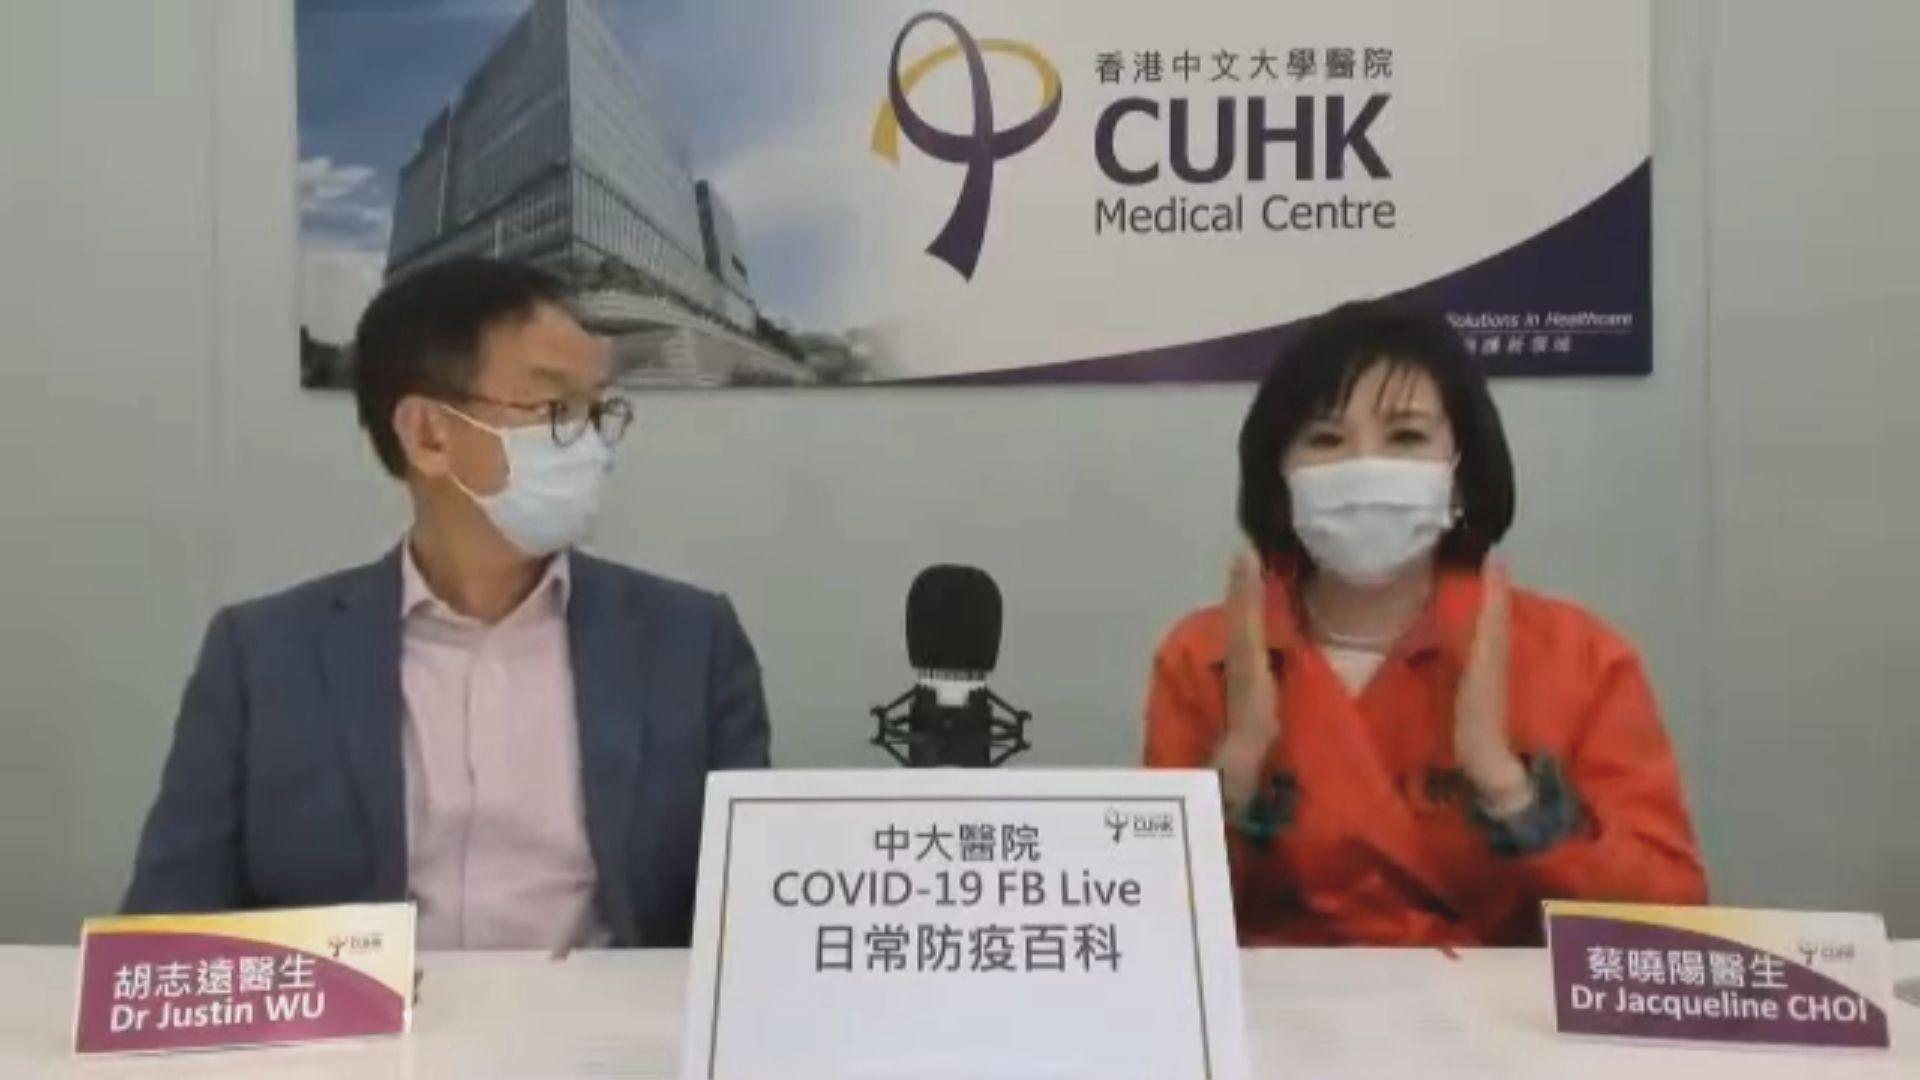 專科醫生指考生戴外科口罩應考已足夠